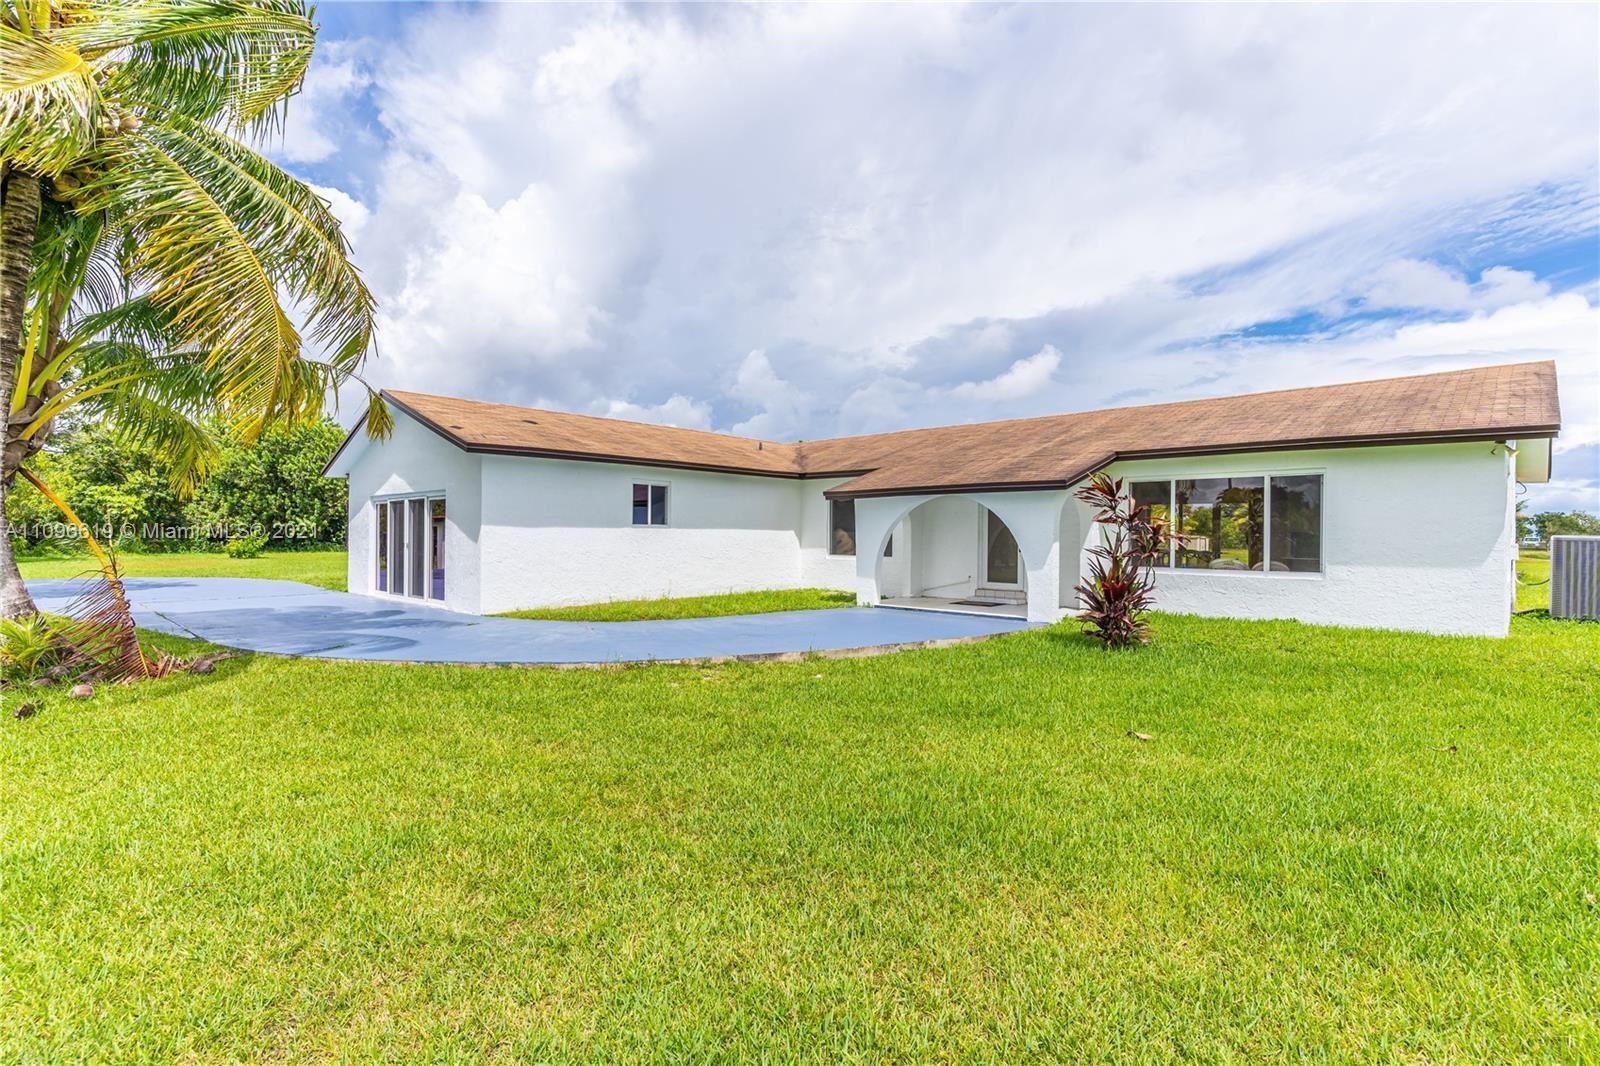 13201 SW 197th Ave, Miami, FL 33196 - #: A11096619